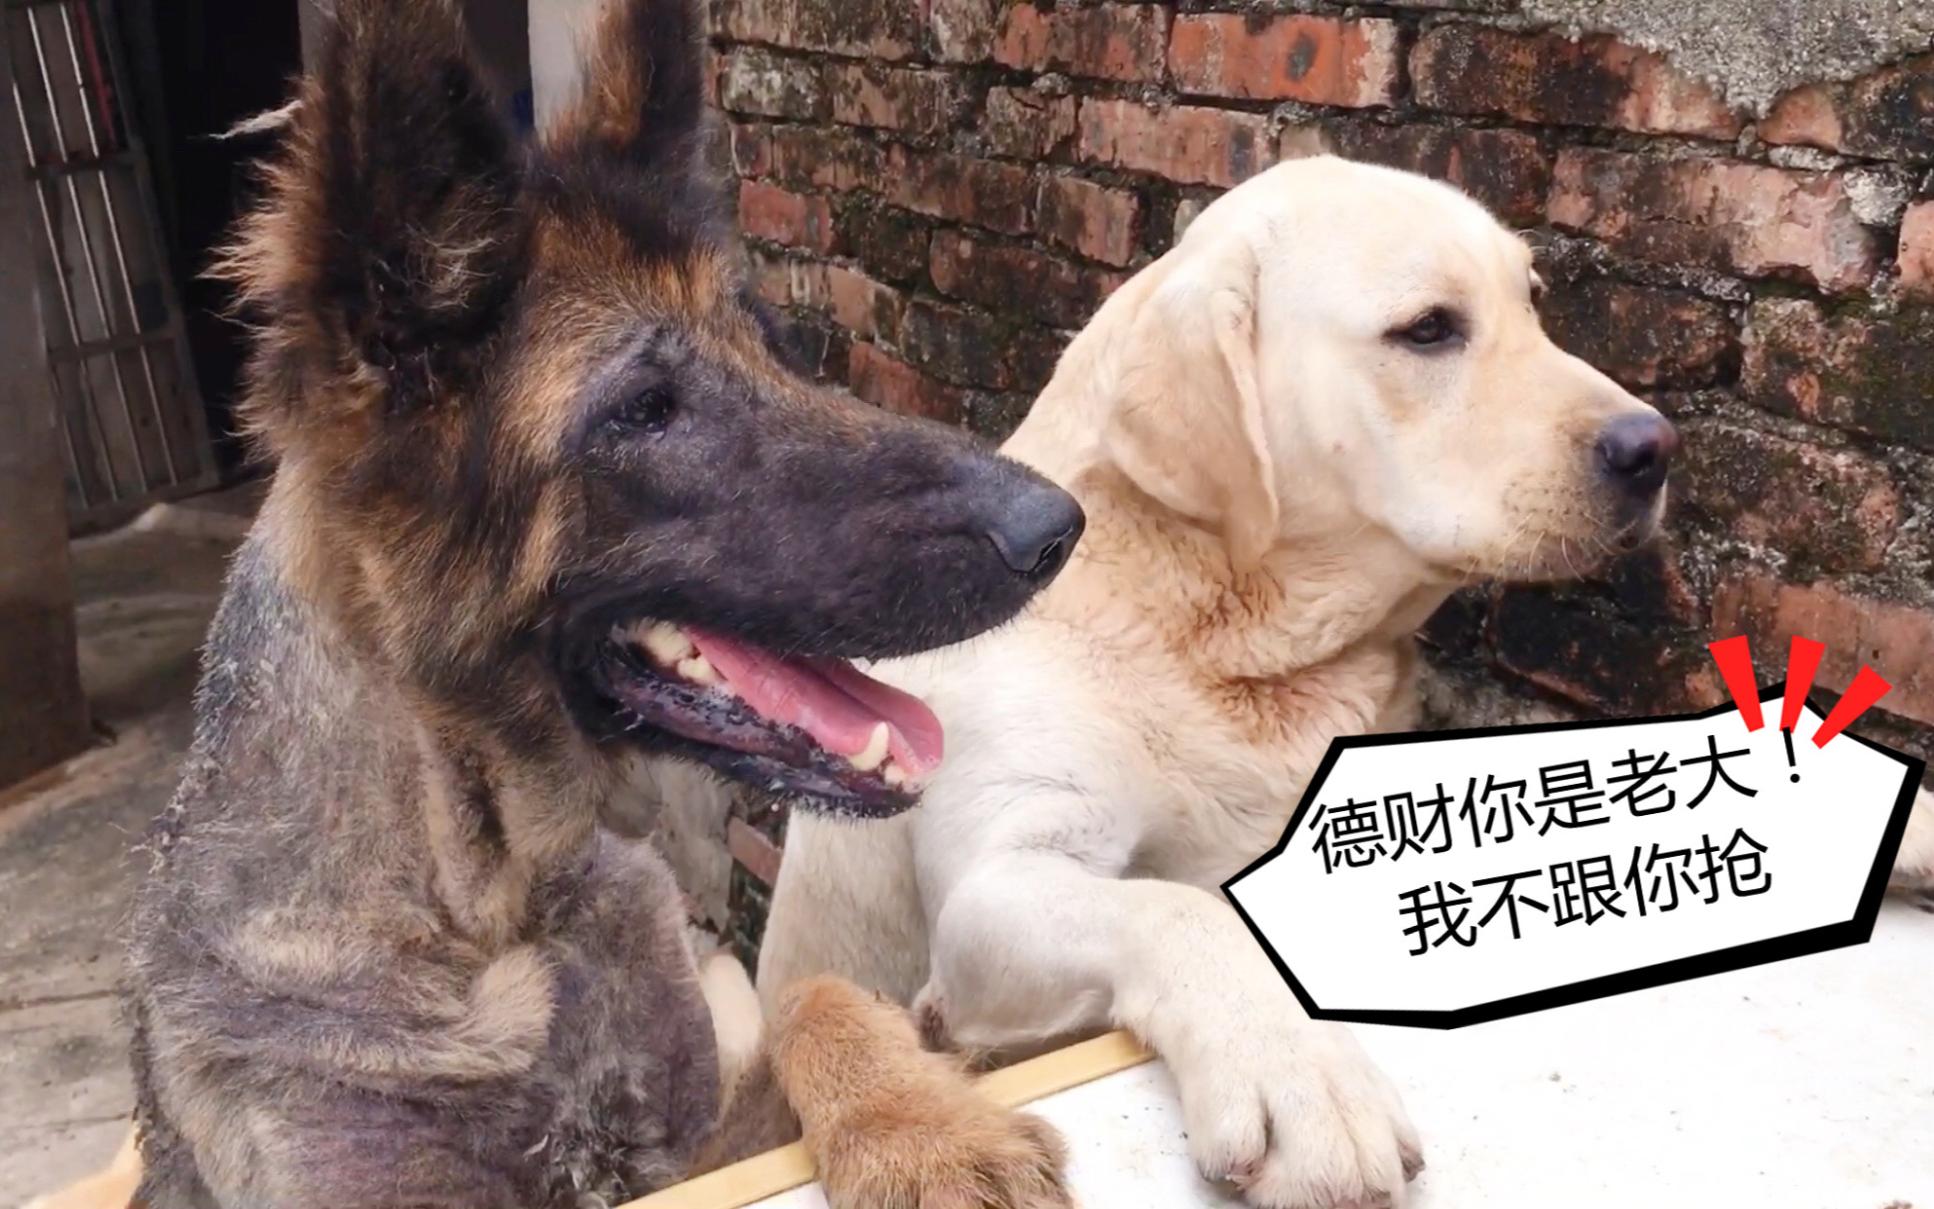 德牧天生很强势?德财在救助站抢东西吃,狗子们都怕了它!